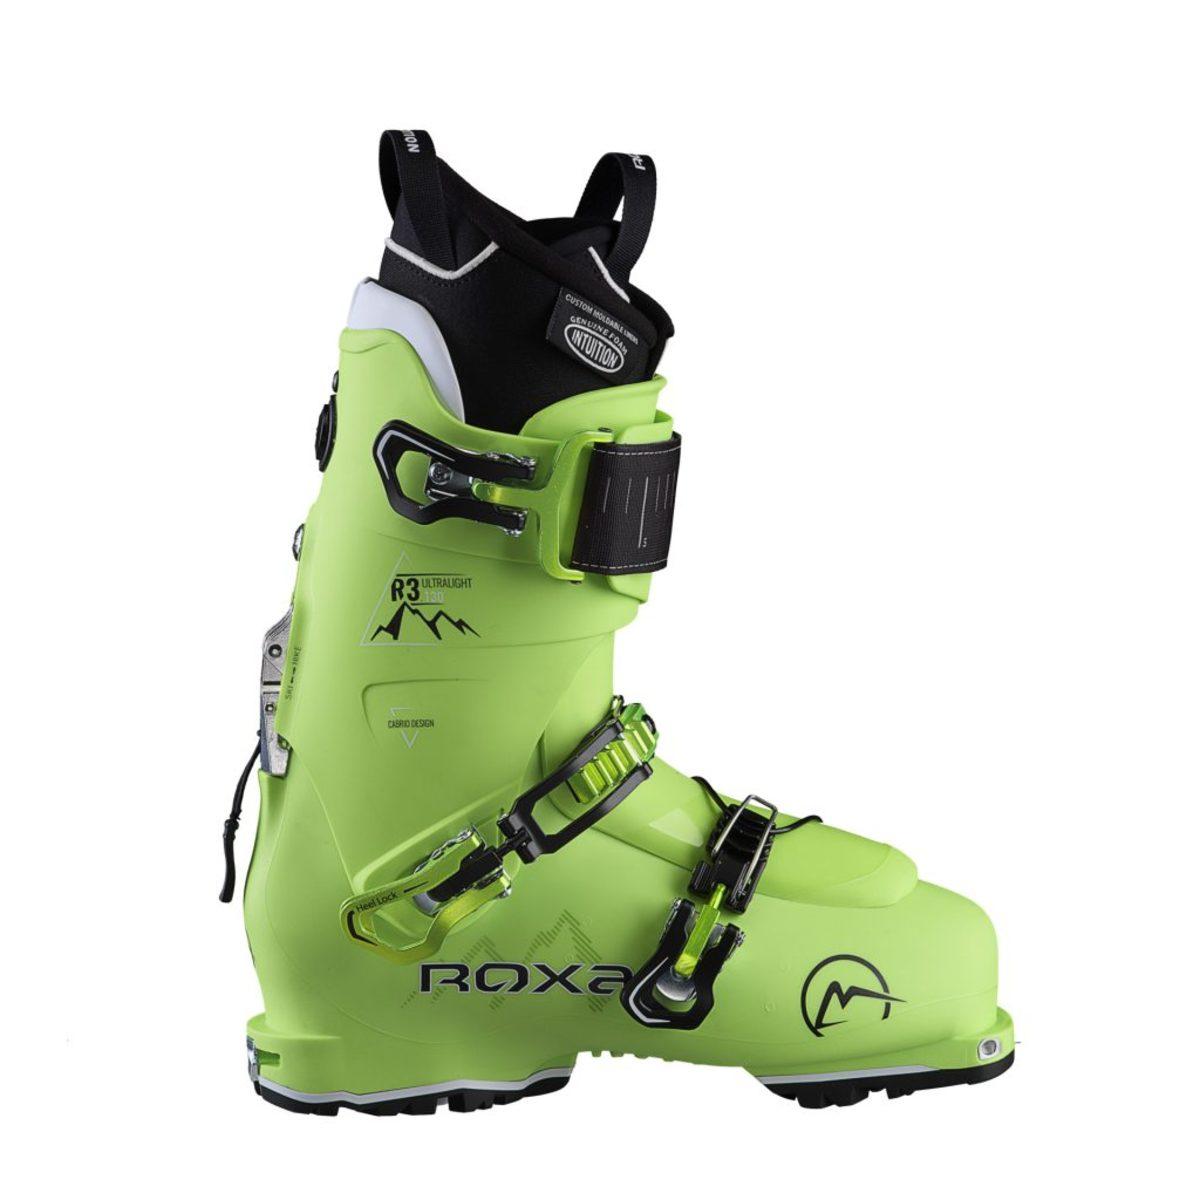 Roxa R3 130 TI